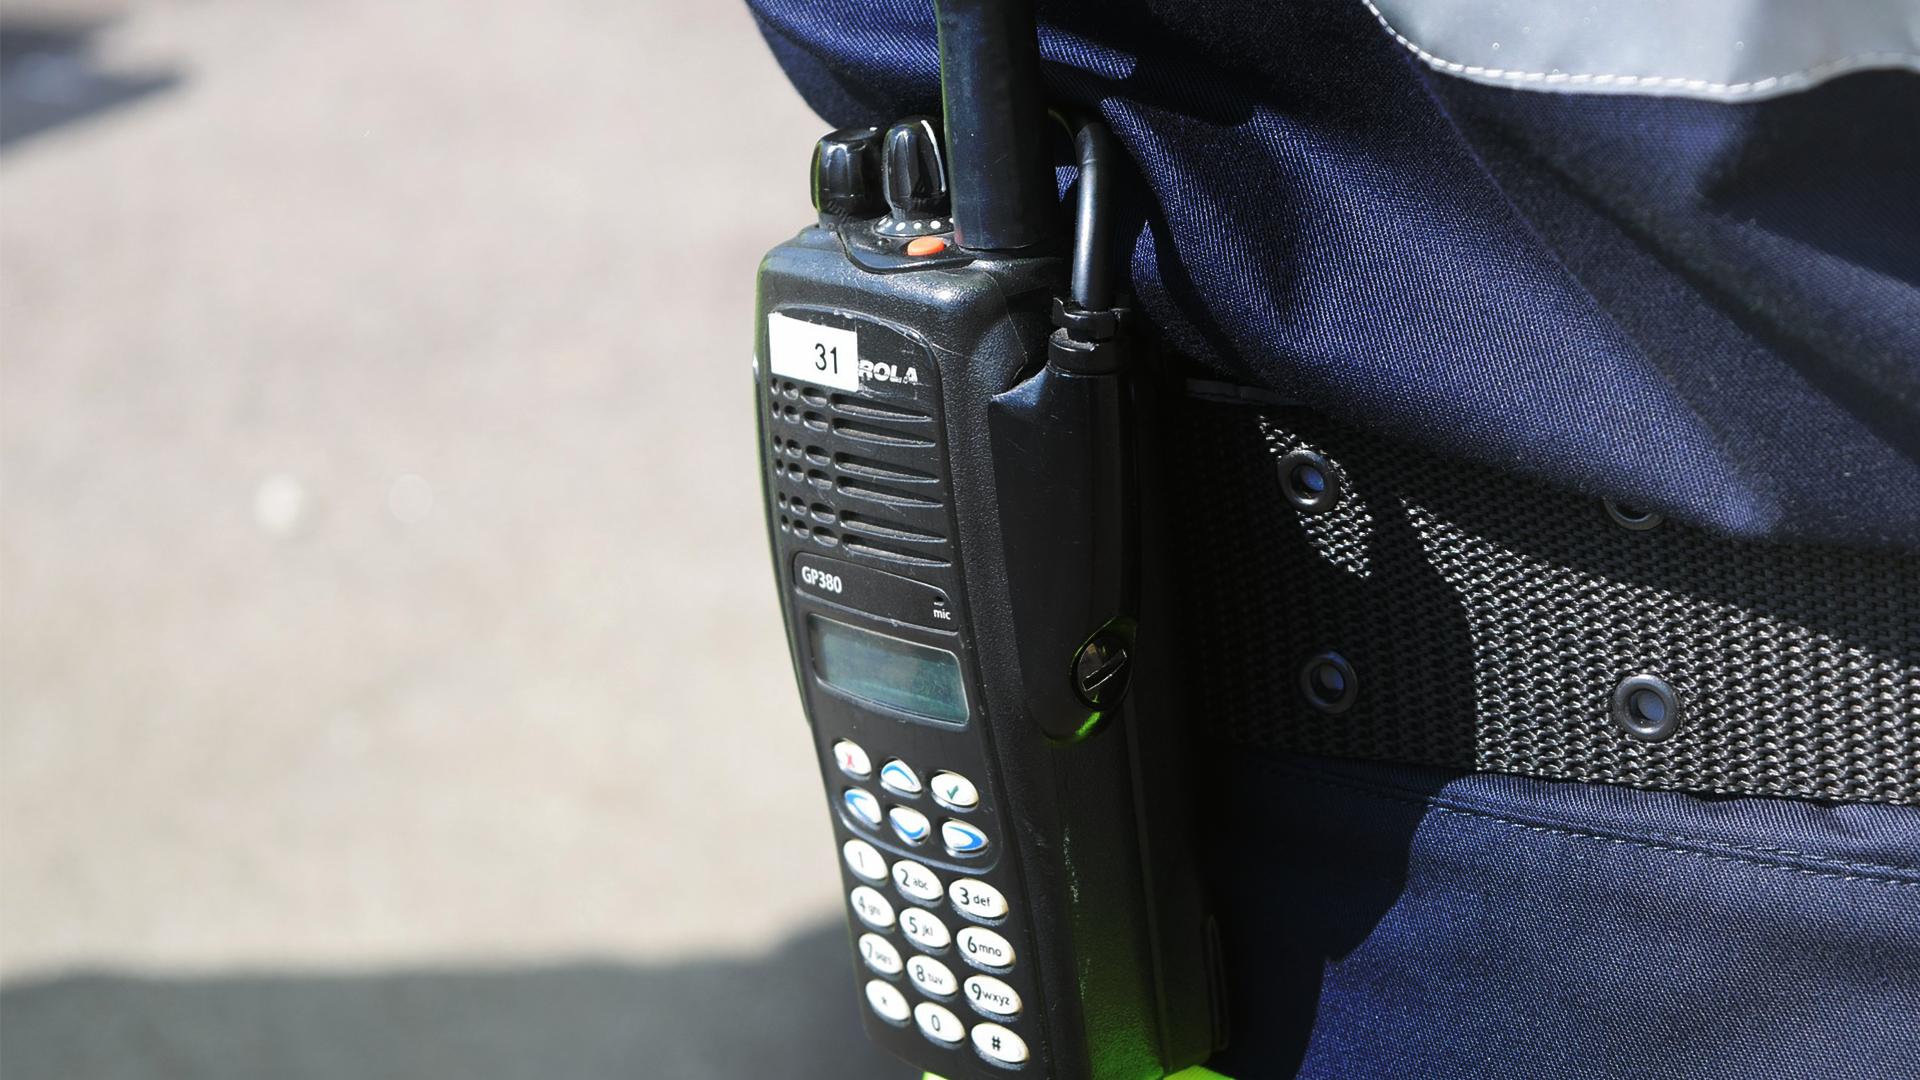 Photo d'un marqueur radioélectrique pour la détection piéton